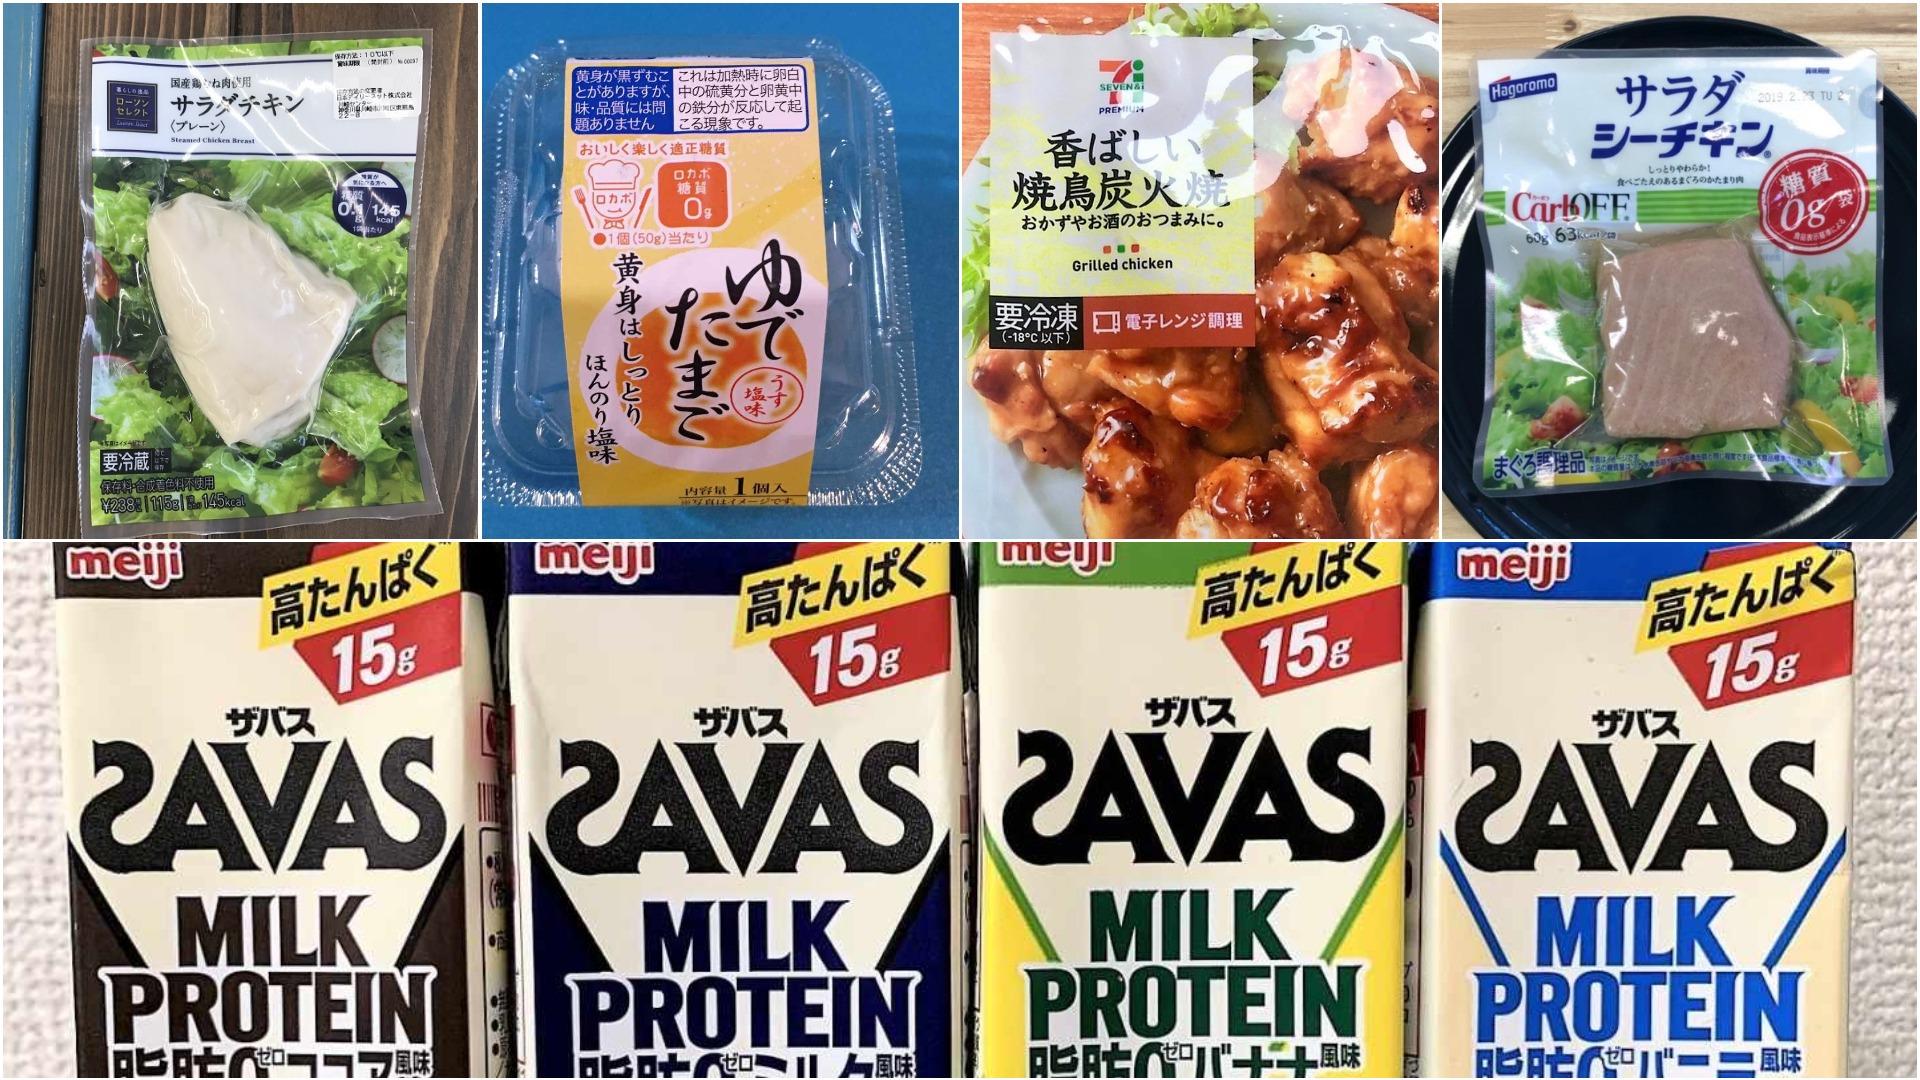 タンパク質 の 多い 食べ物 タンパク質が多い食品を紹介。高タンパク食品を手軽に摂取!